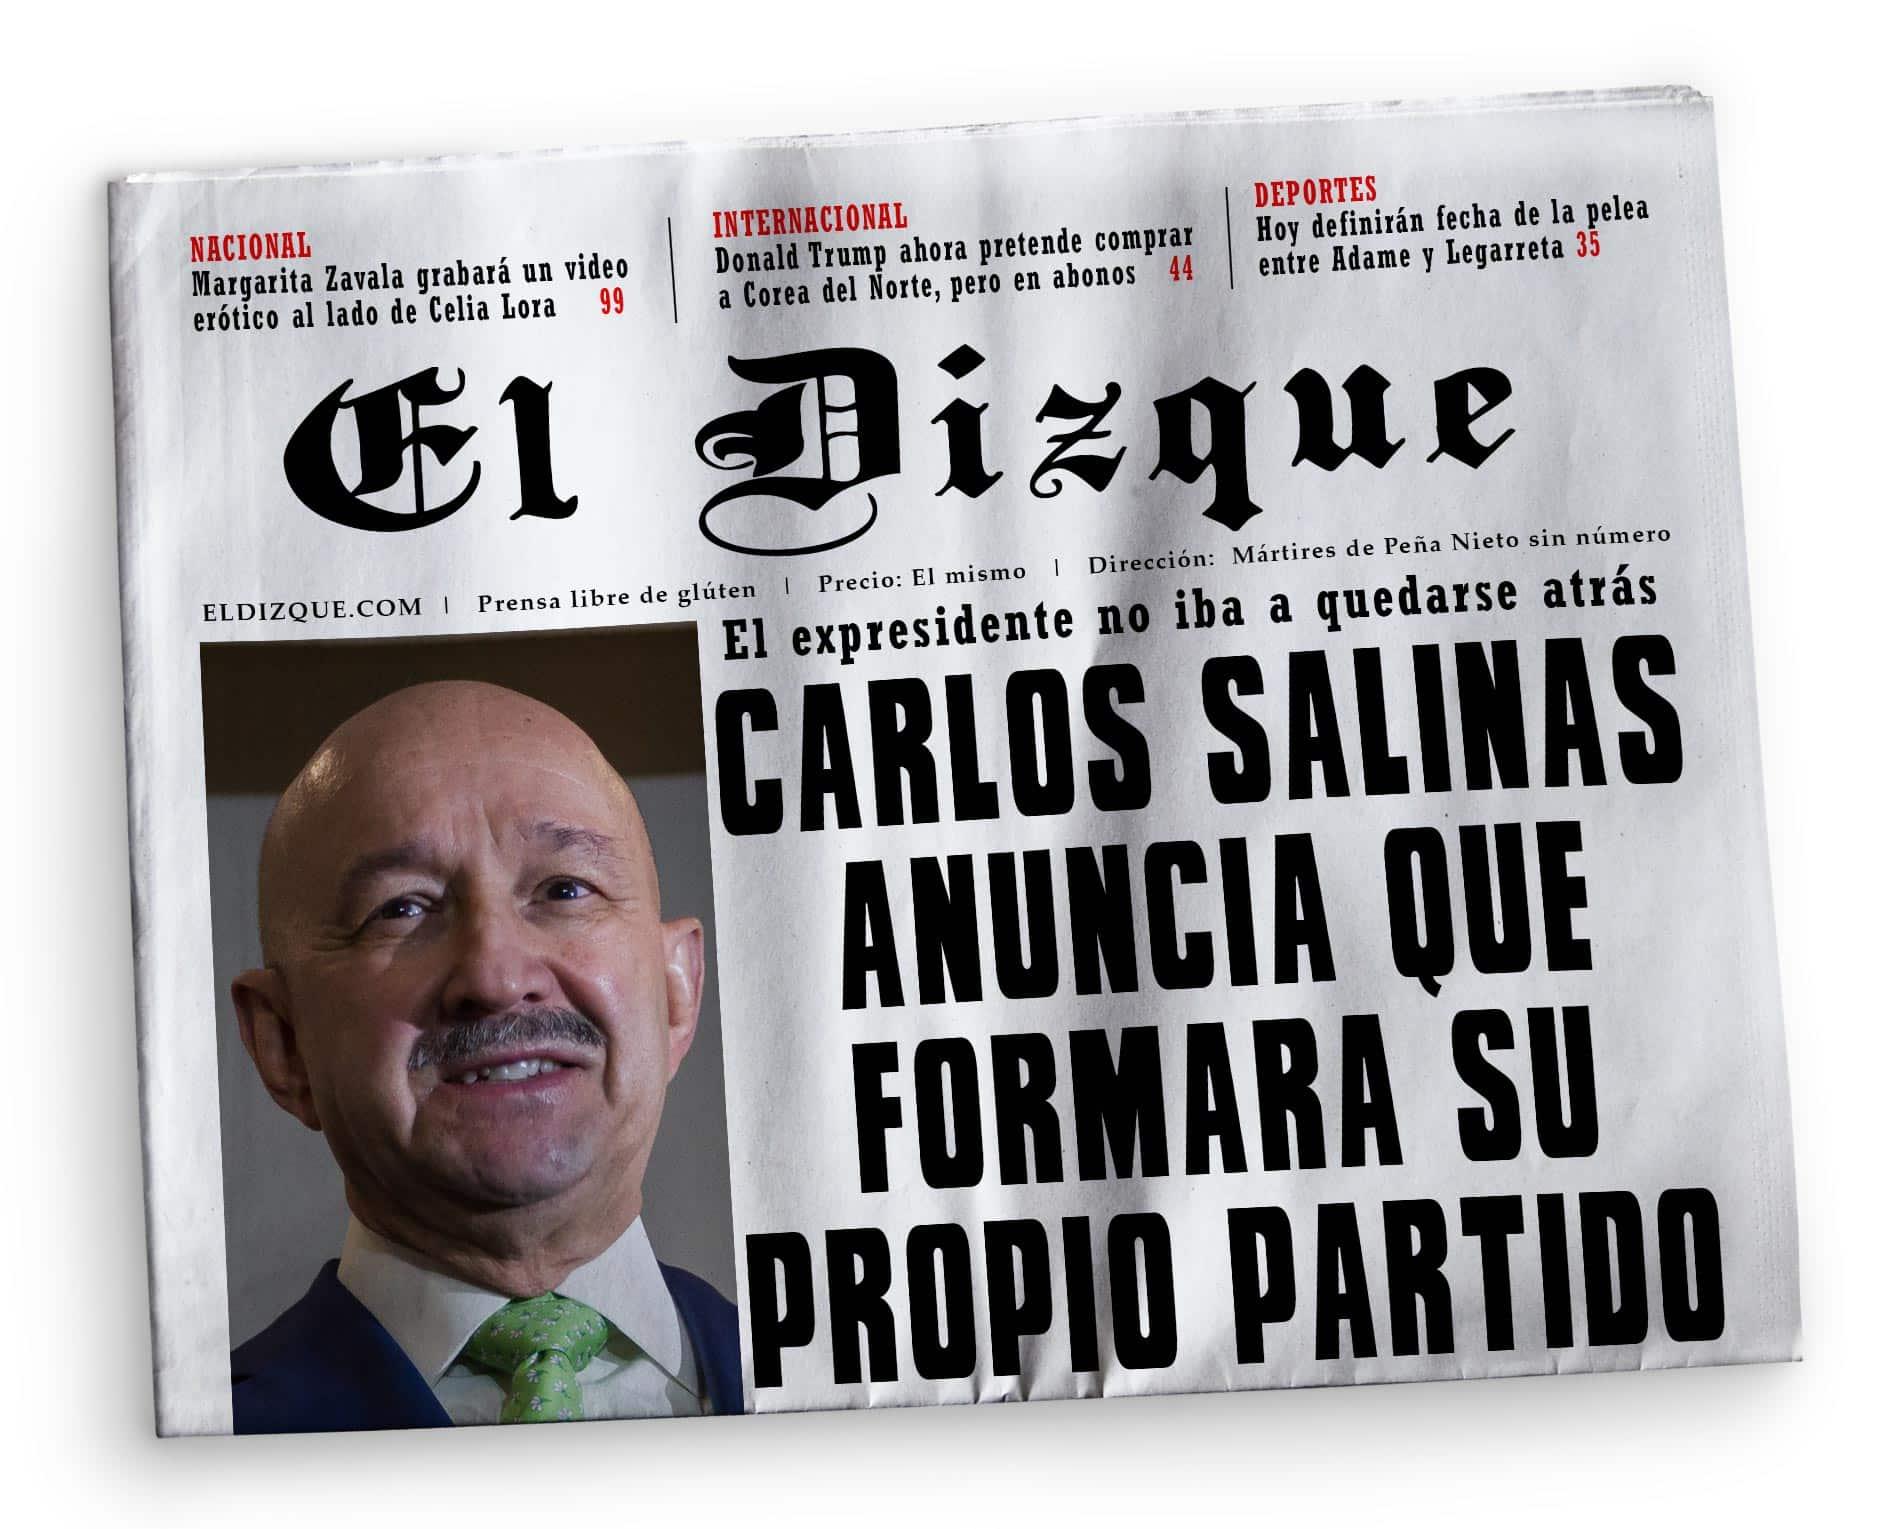 Partido de Carlos Salinas de Gortari